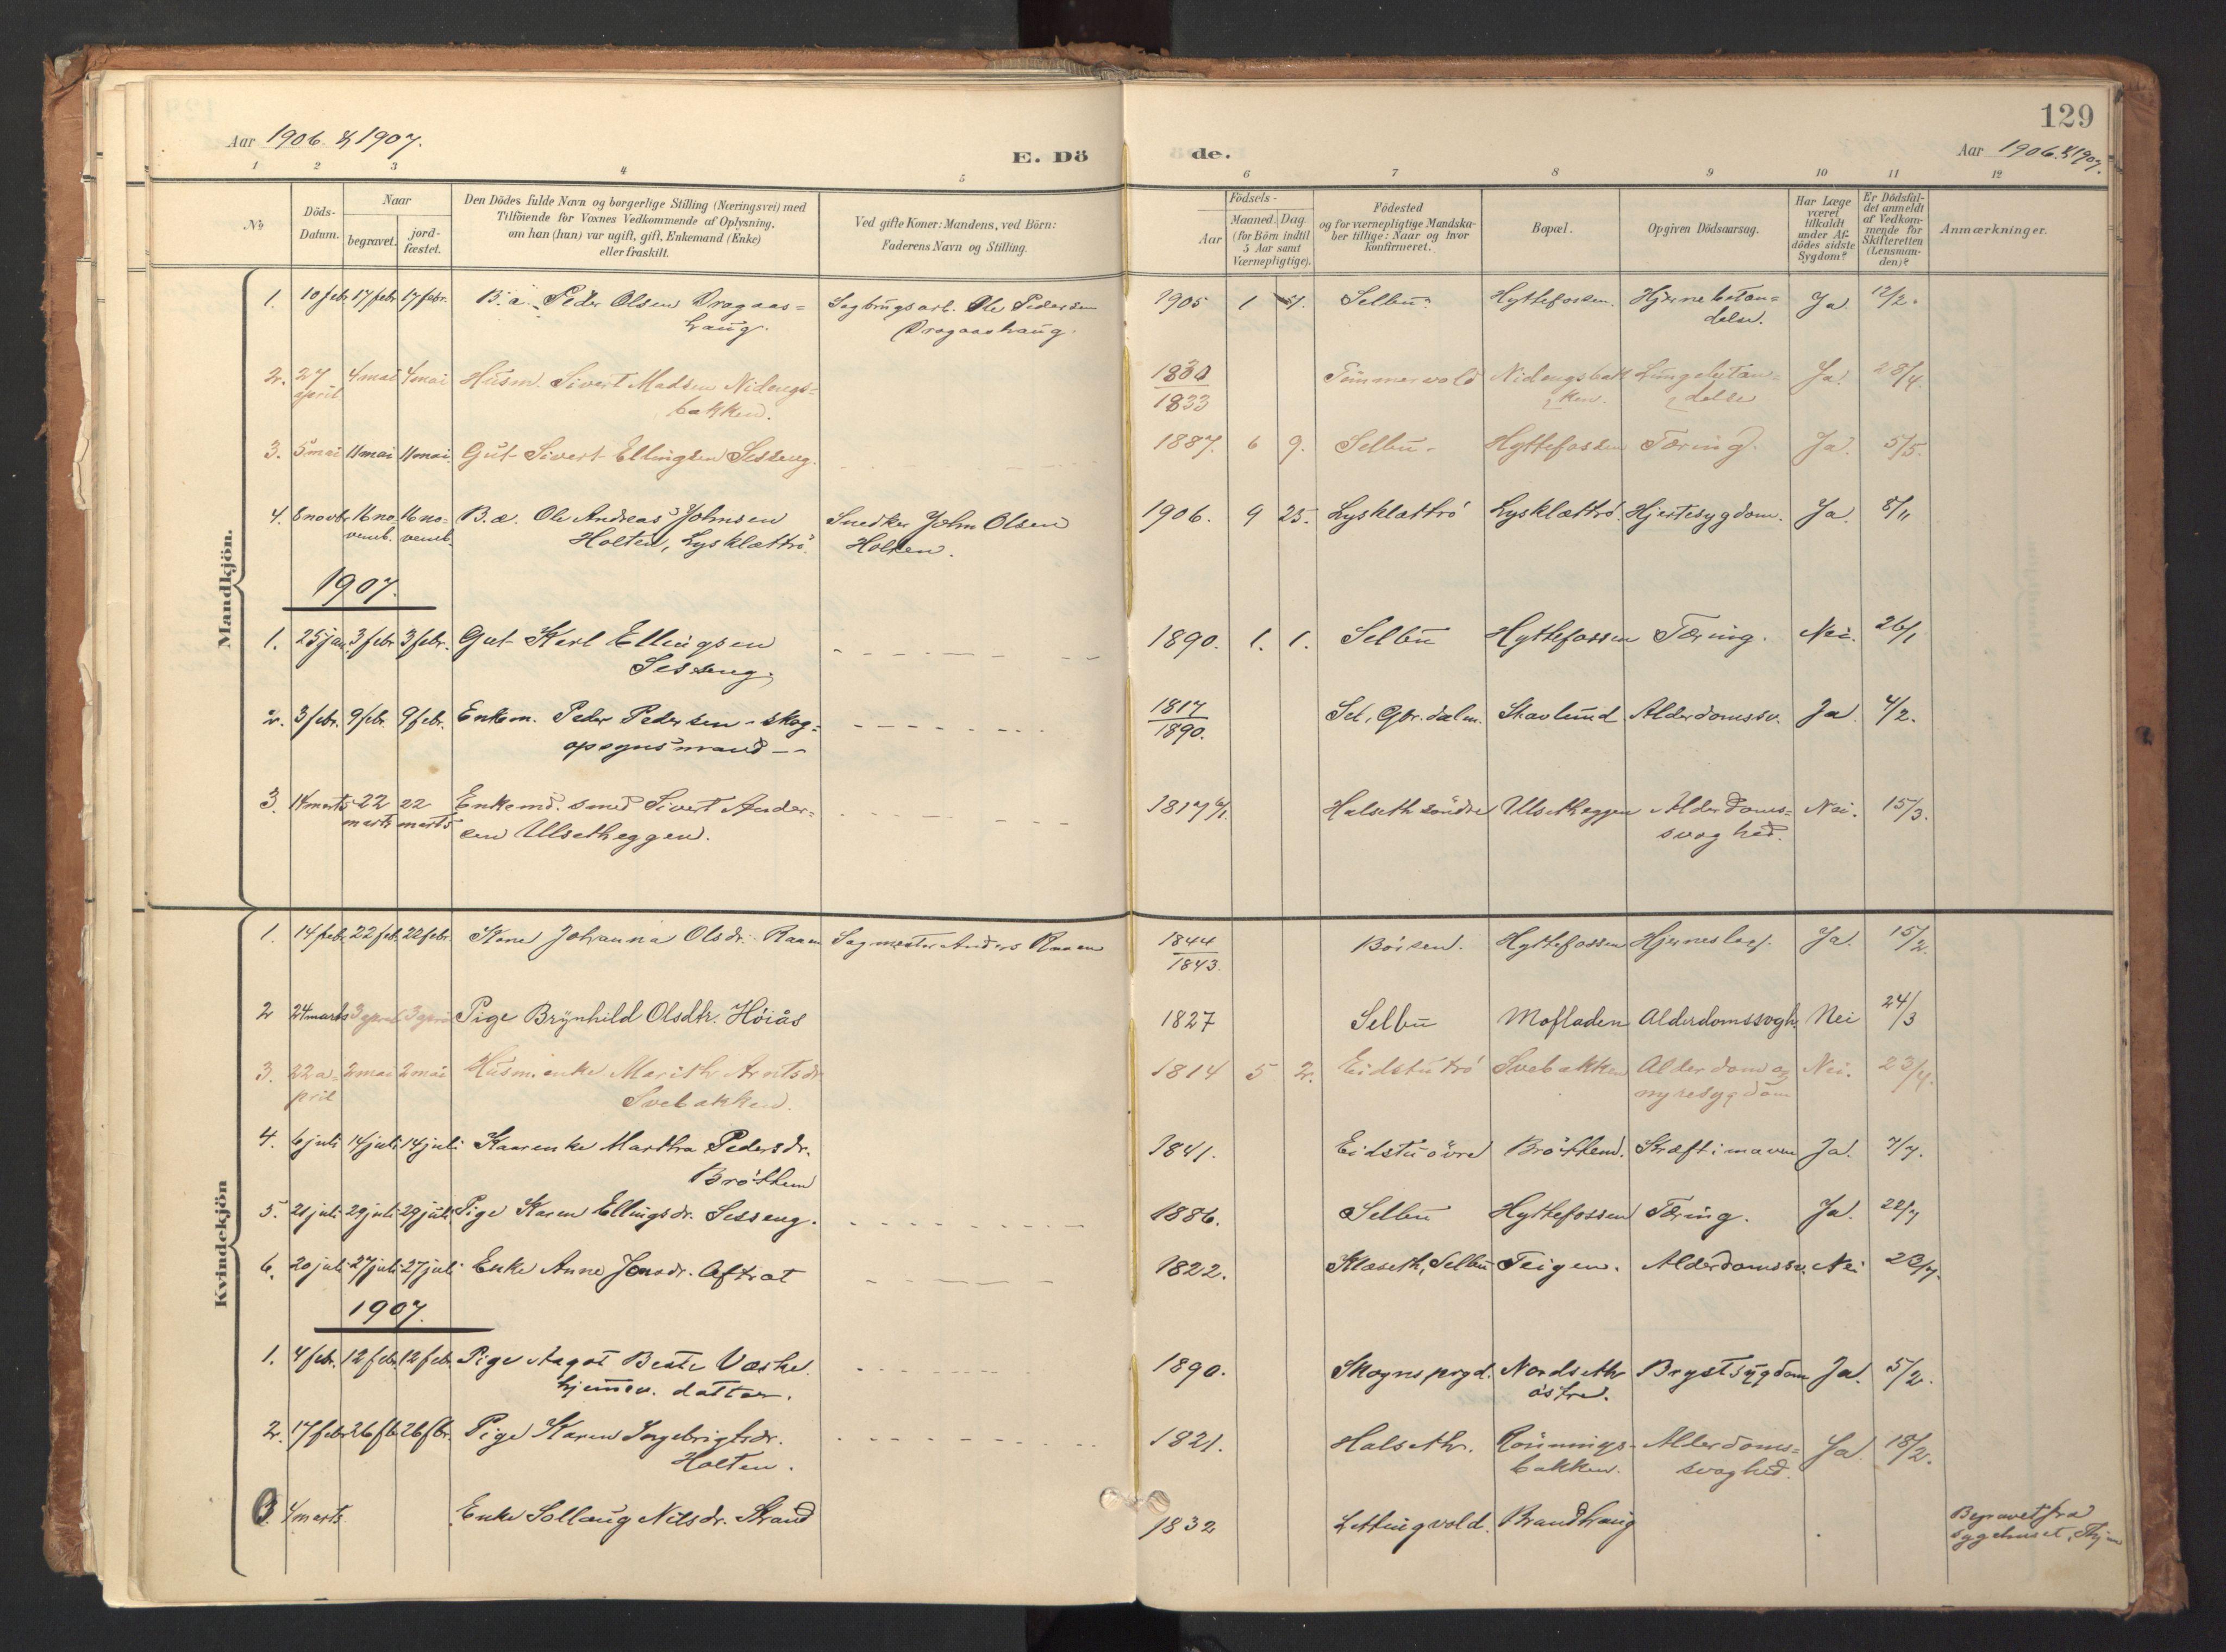 SAT, Ministerialprotokoller, klokkerbøker og fødselsregistre - Sør-Trøndelag, 618/L0448: Ministerialbok nr. 618A11, 1898-1916, s. 129